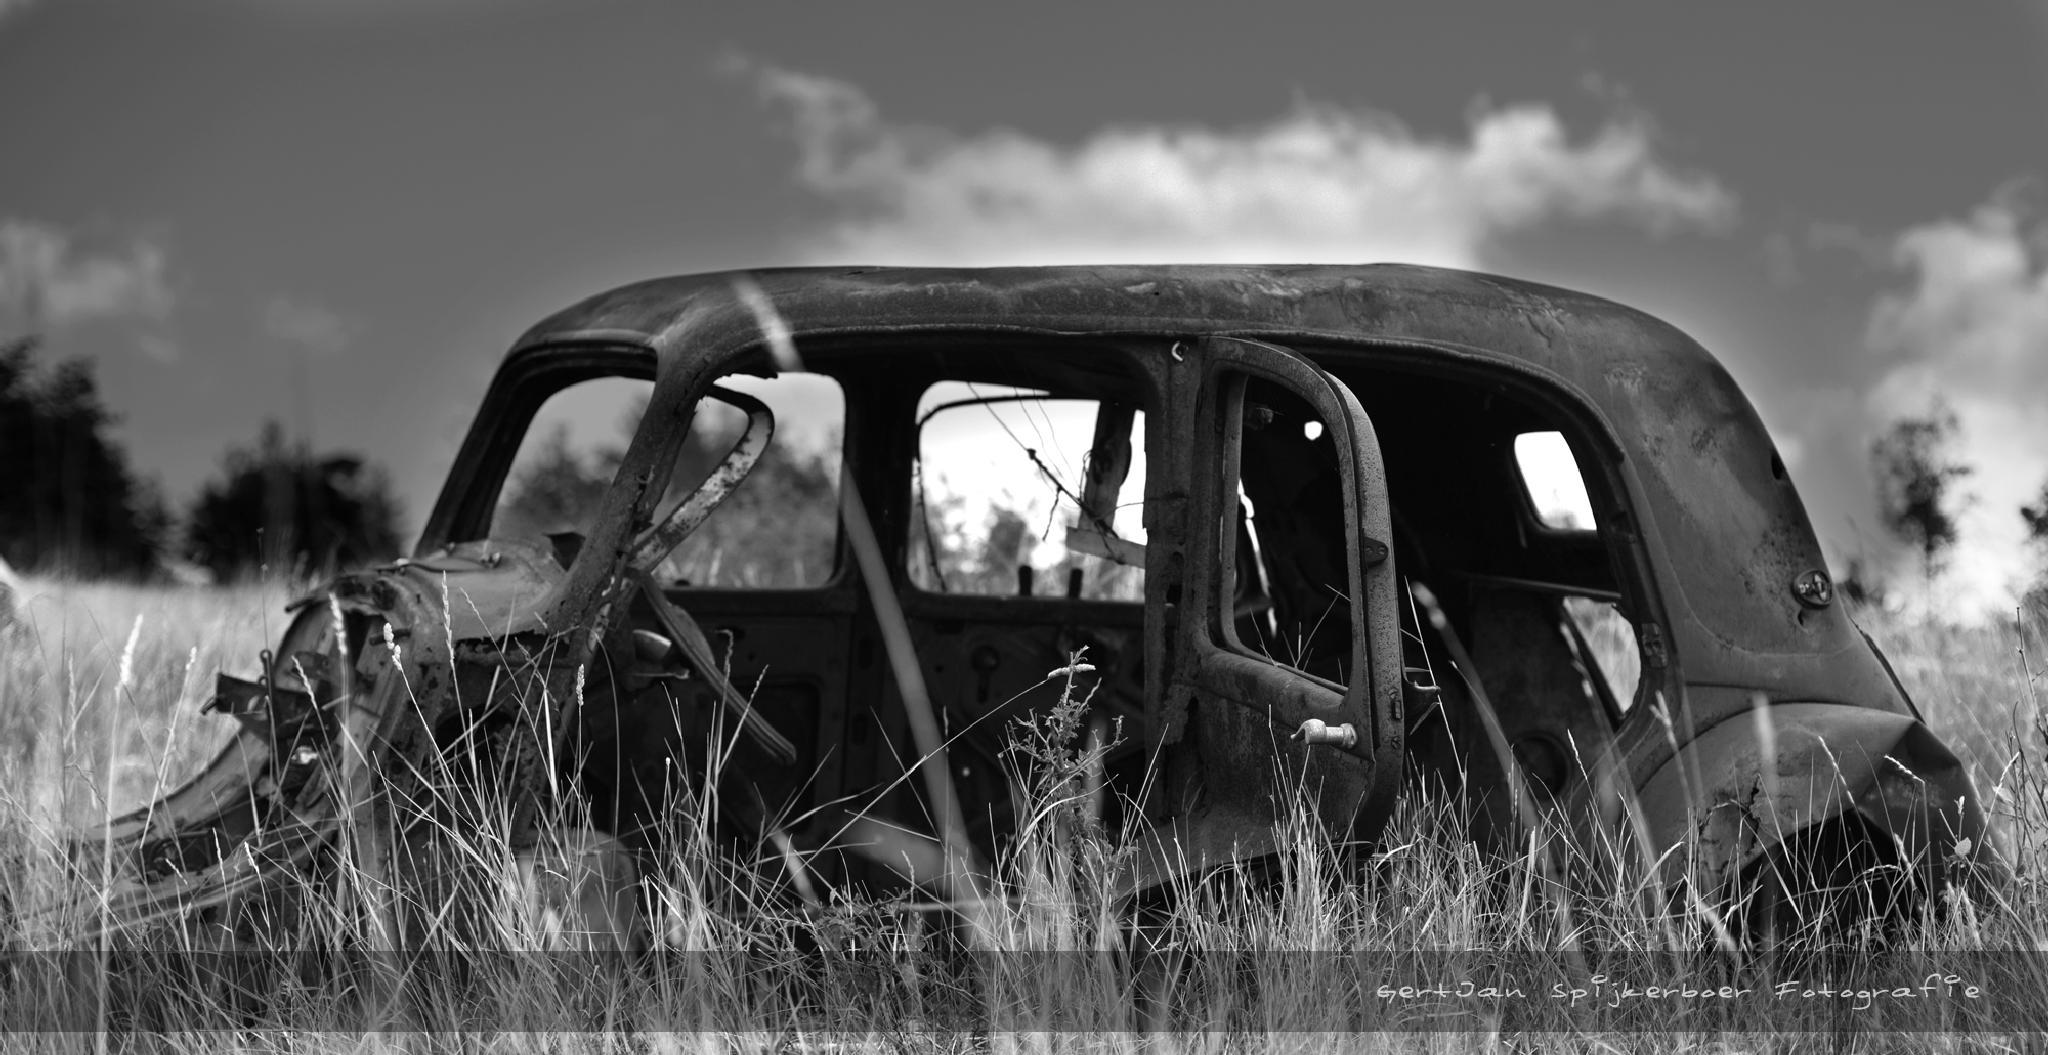 Old citroen  by GJ Fotografie